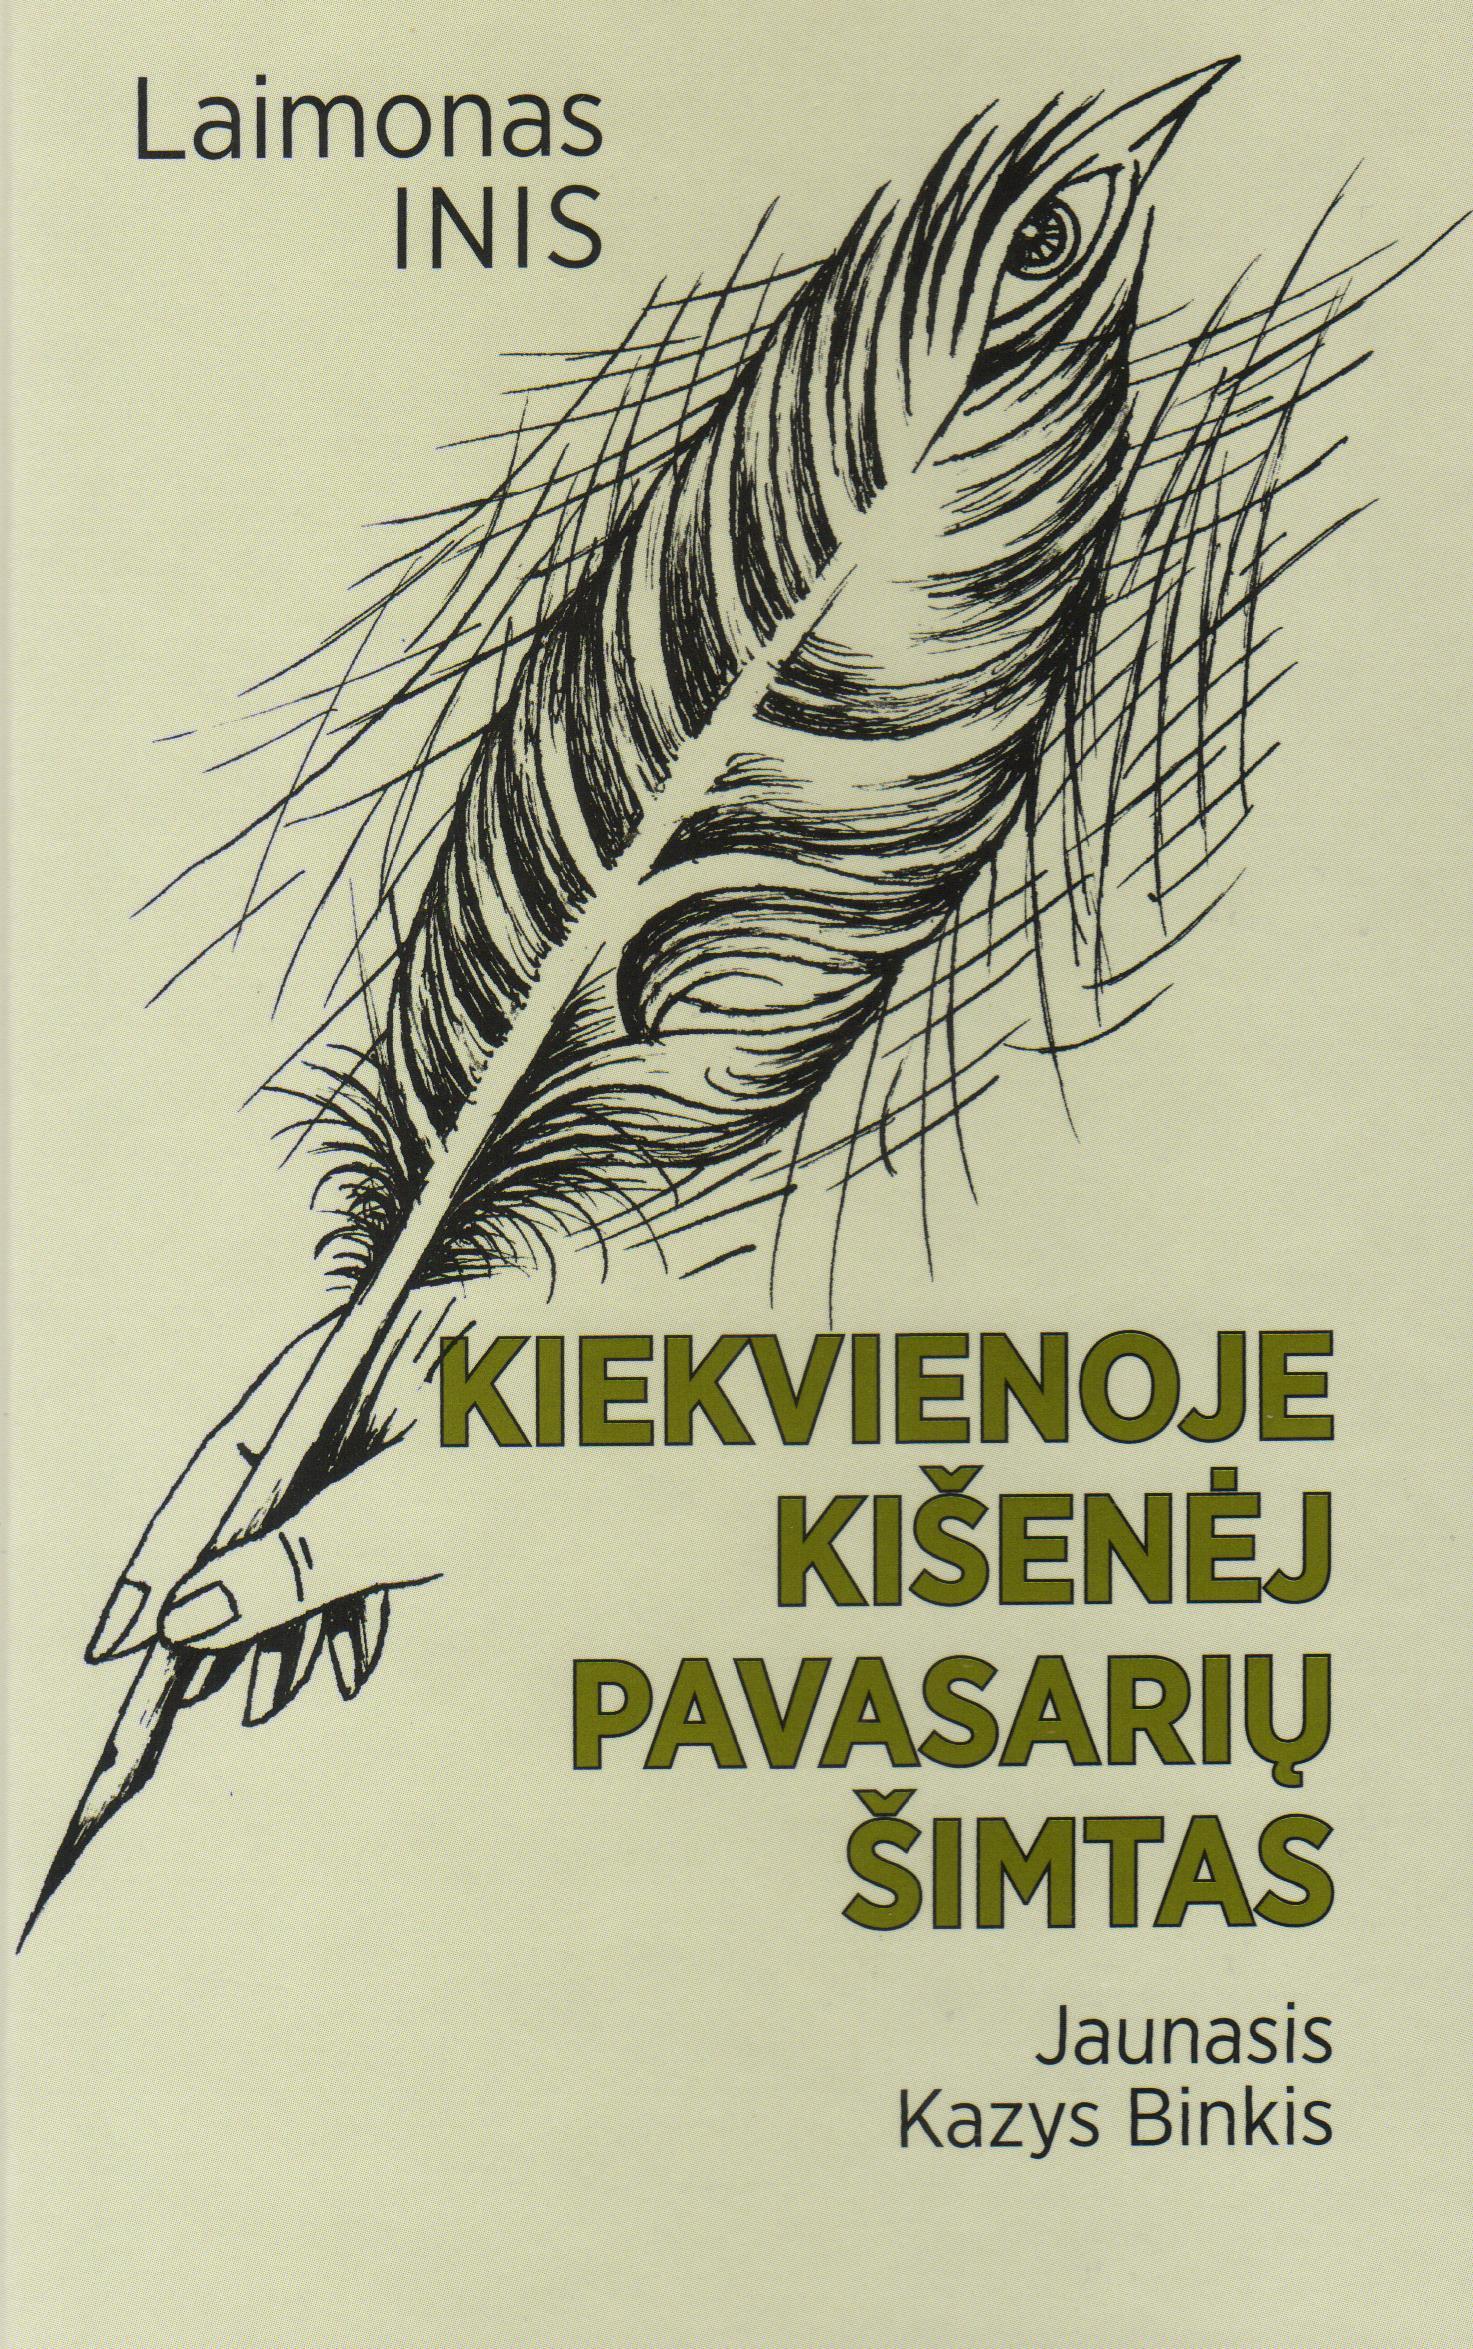 """Laimonas Inis """"Kiekvienoje kišenėj pavasarių šimtas"""" (Kaunas: Naujasis lankas, 2013)"""